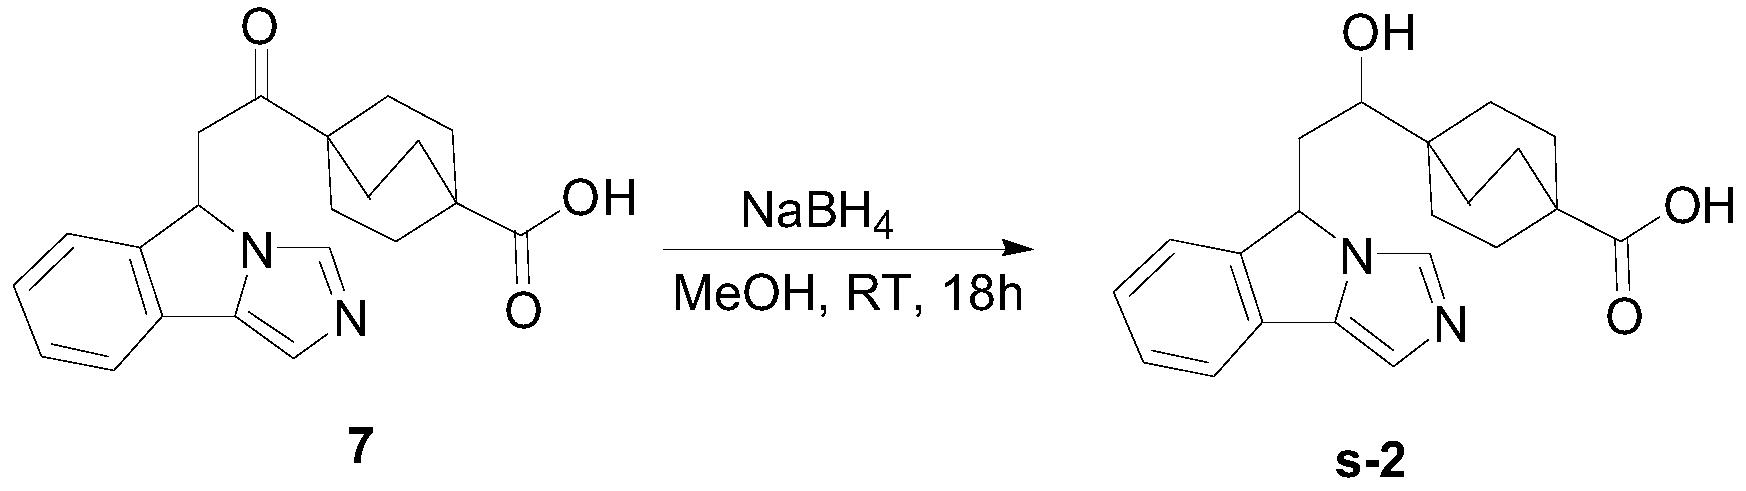 Figure PCTCN2017084604-appb-000280